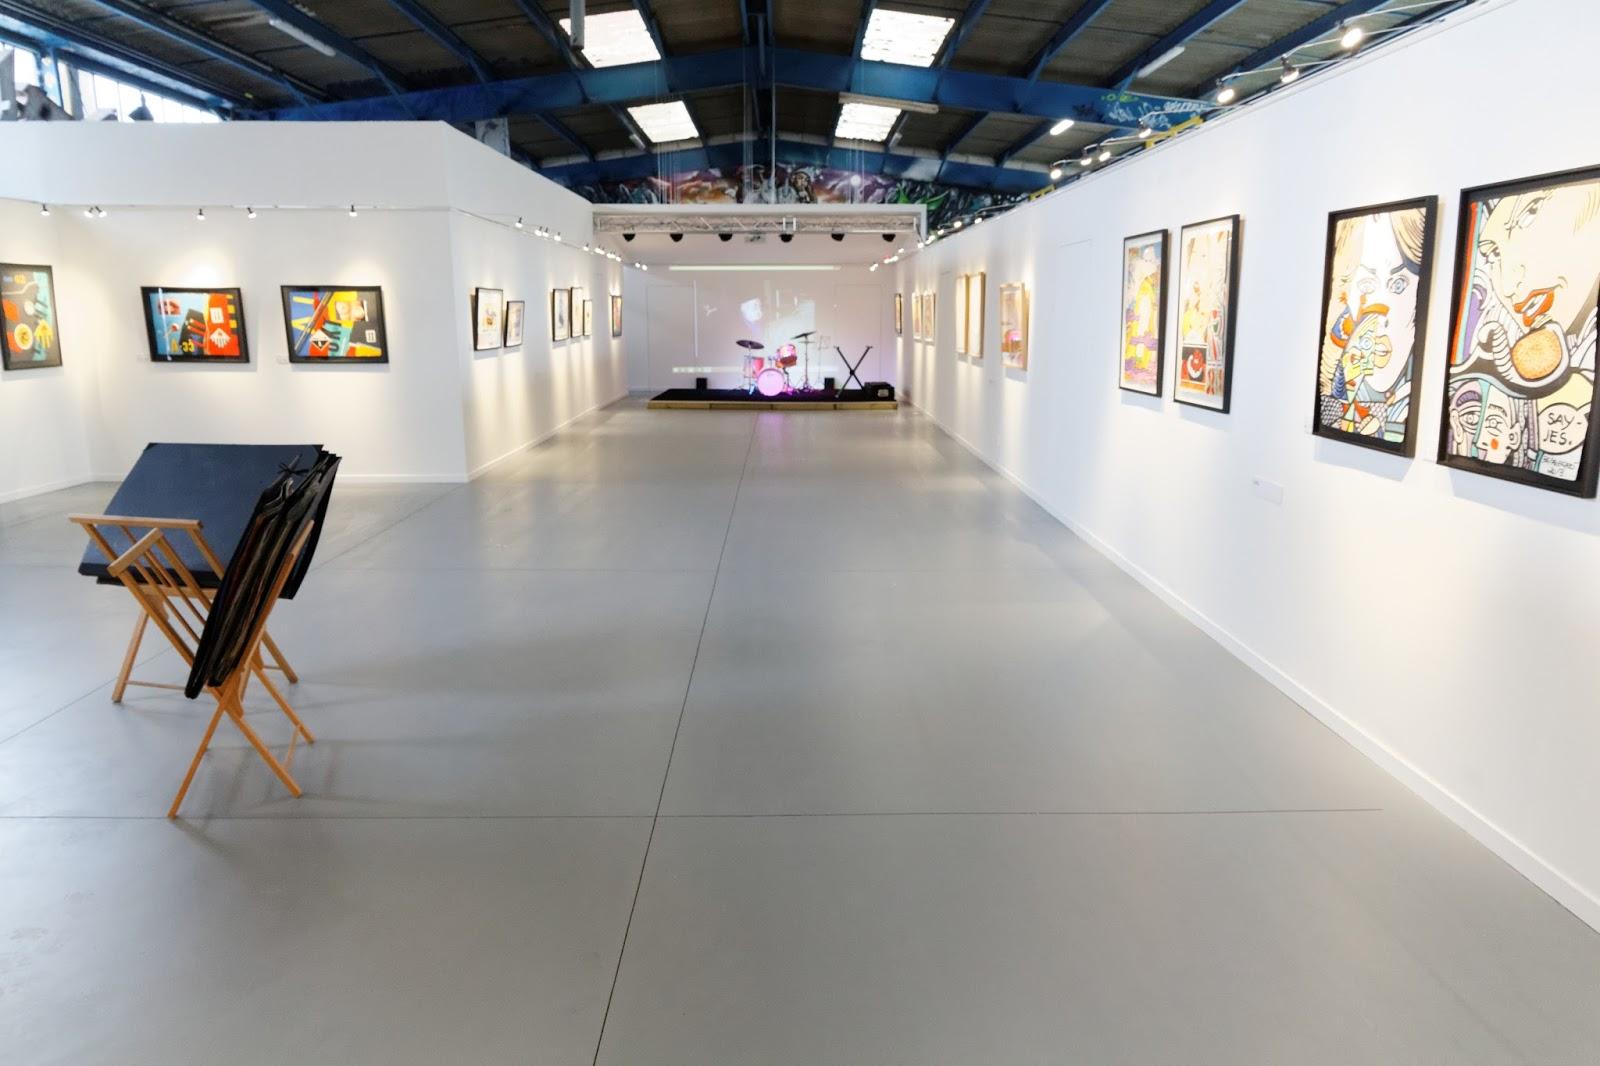 l 39 estampe galerie d 39 art et dtieur collection lacan atelier ouvert. Black Bedroom Furniture Sets. Home Design Ideas